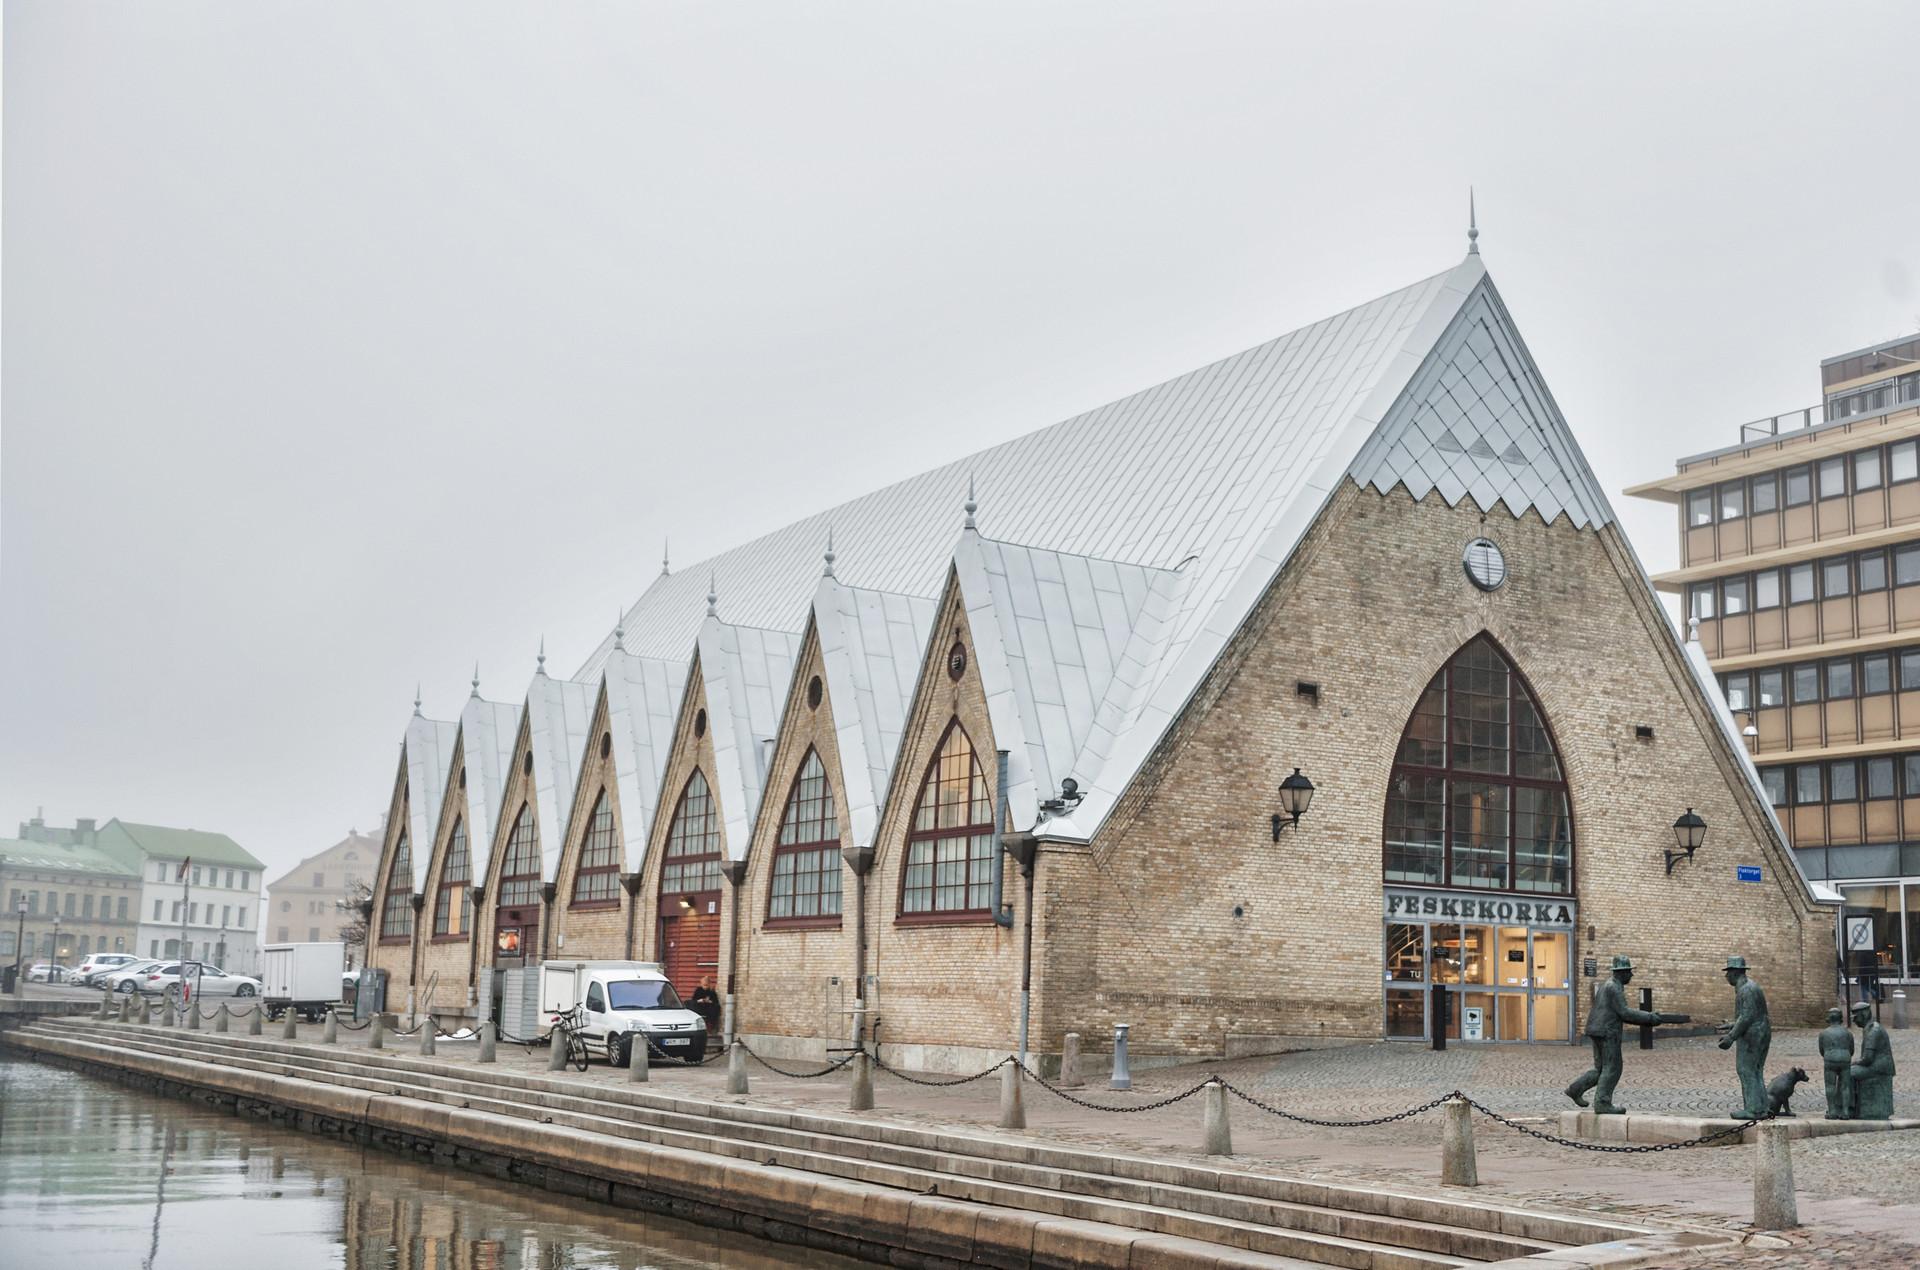 瑞典第二大城市,最初由荷兰人修建,被誉为小伦